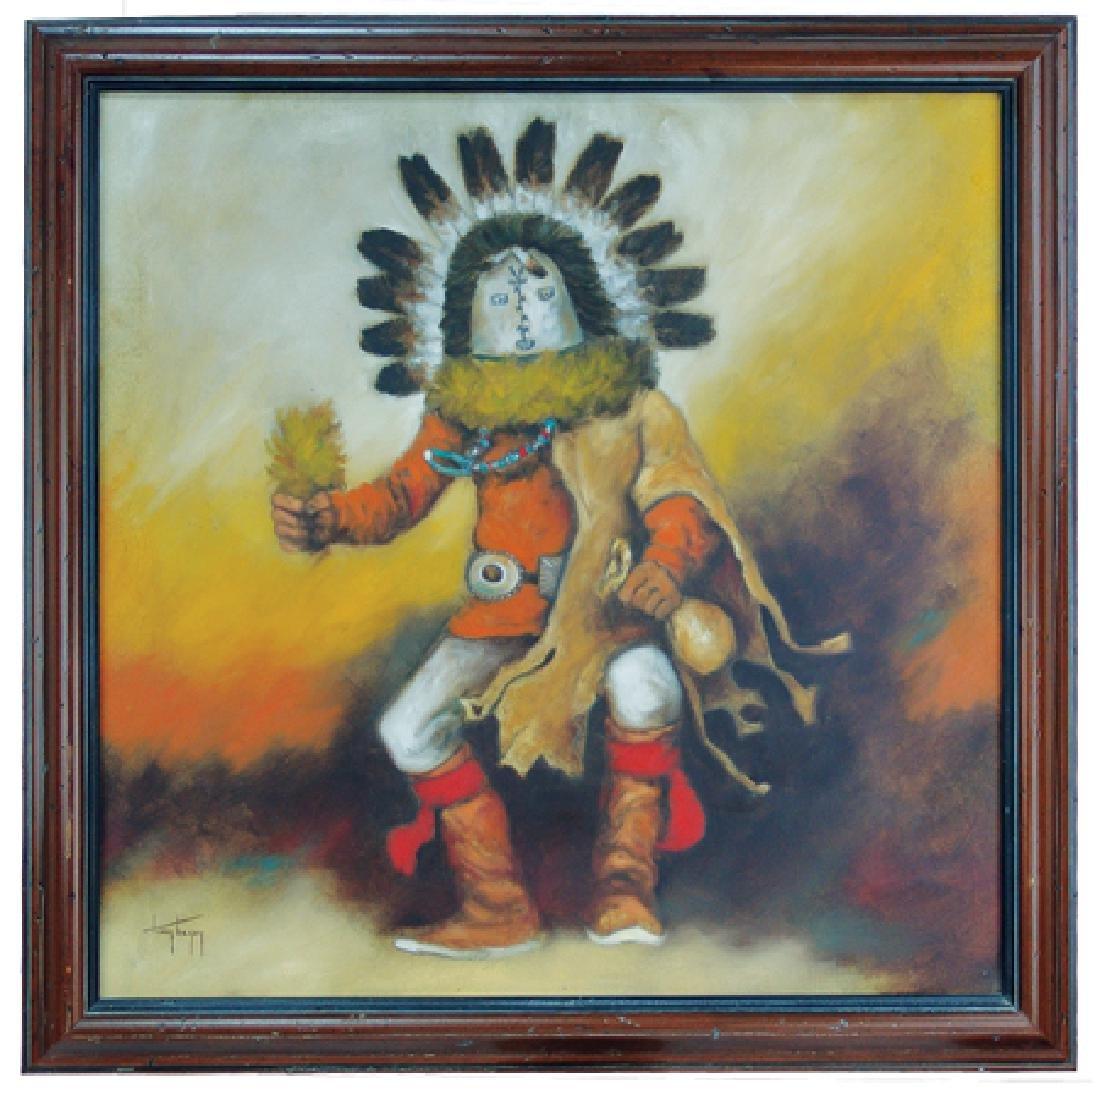 Tony Begay, Navajo (1941-1973)